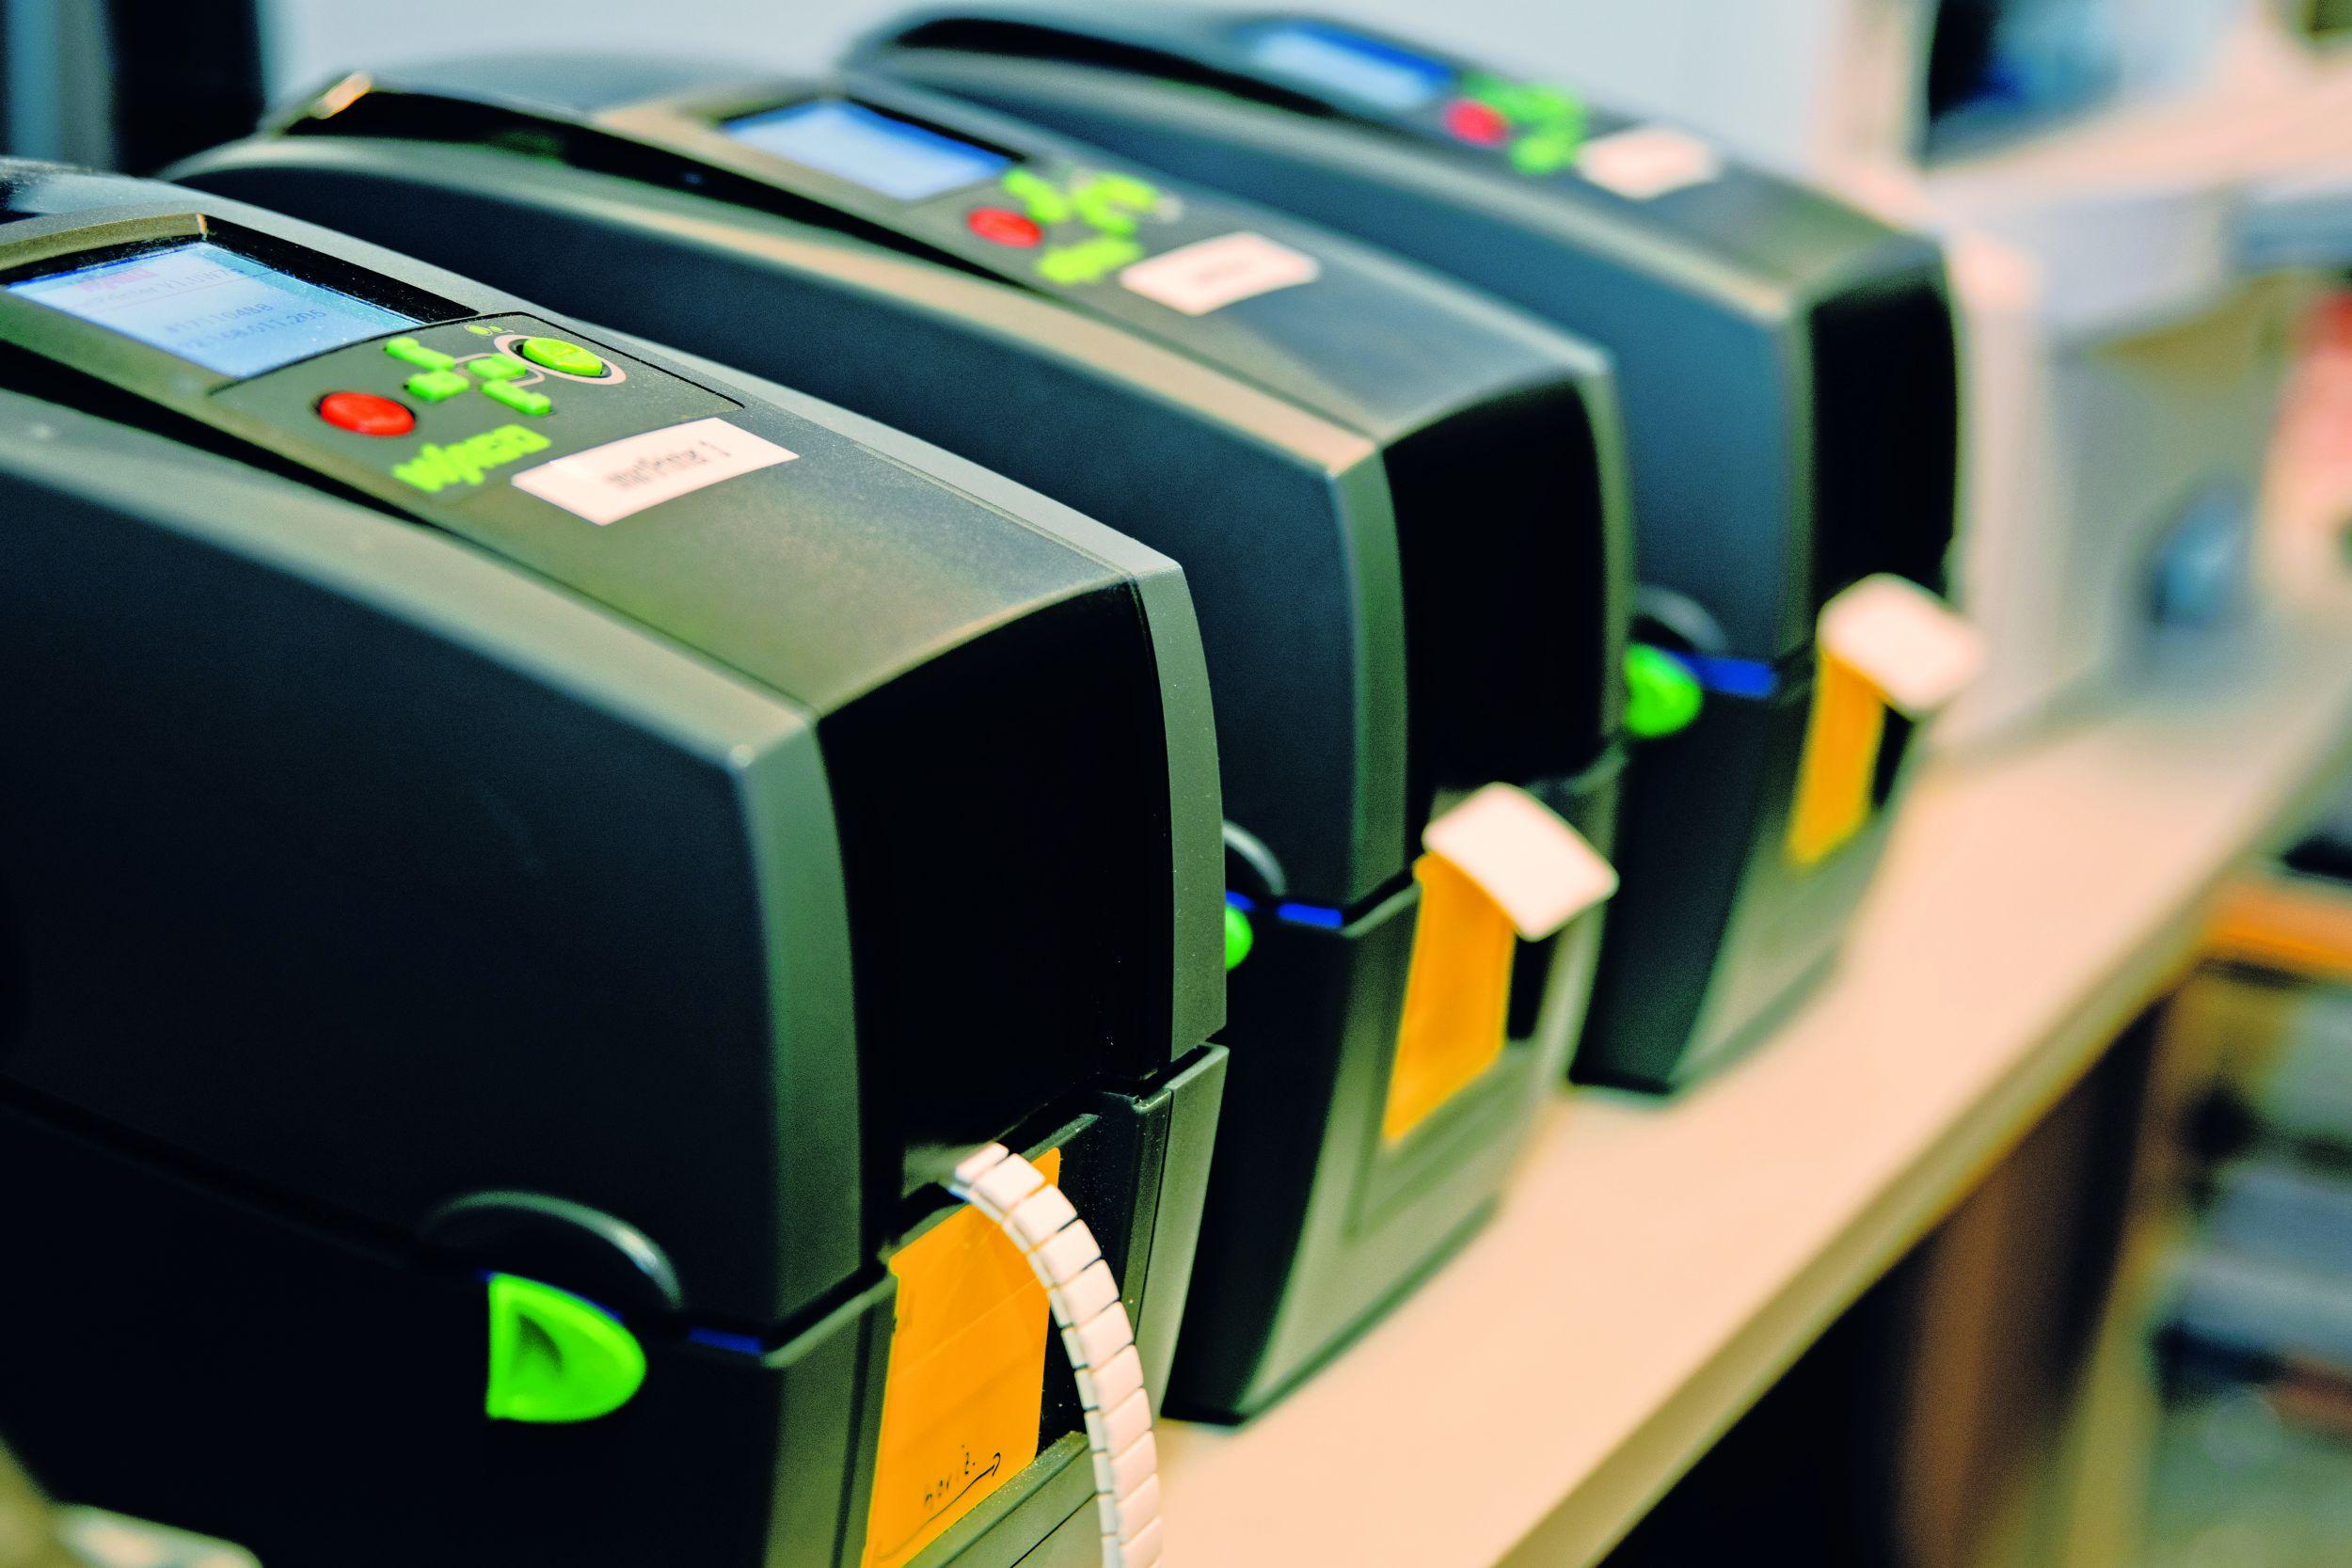 Die Schnittstelle zwischen den Wago Druckern und dem Smart Designer erleichtert die Beschriftung von Klemmenleisten. (Bild: Wago Kontakttechnik GmbH & Co. KG)